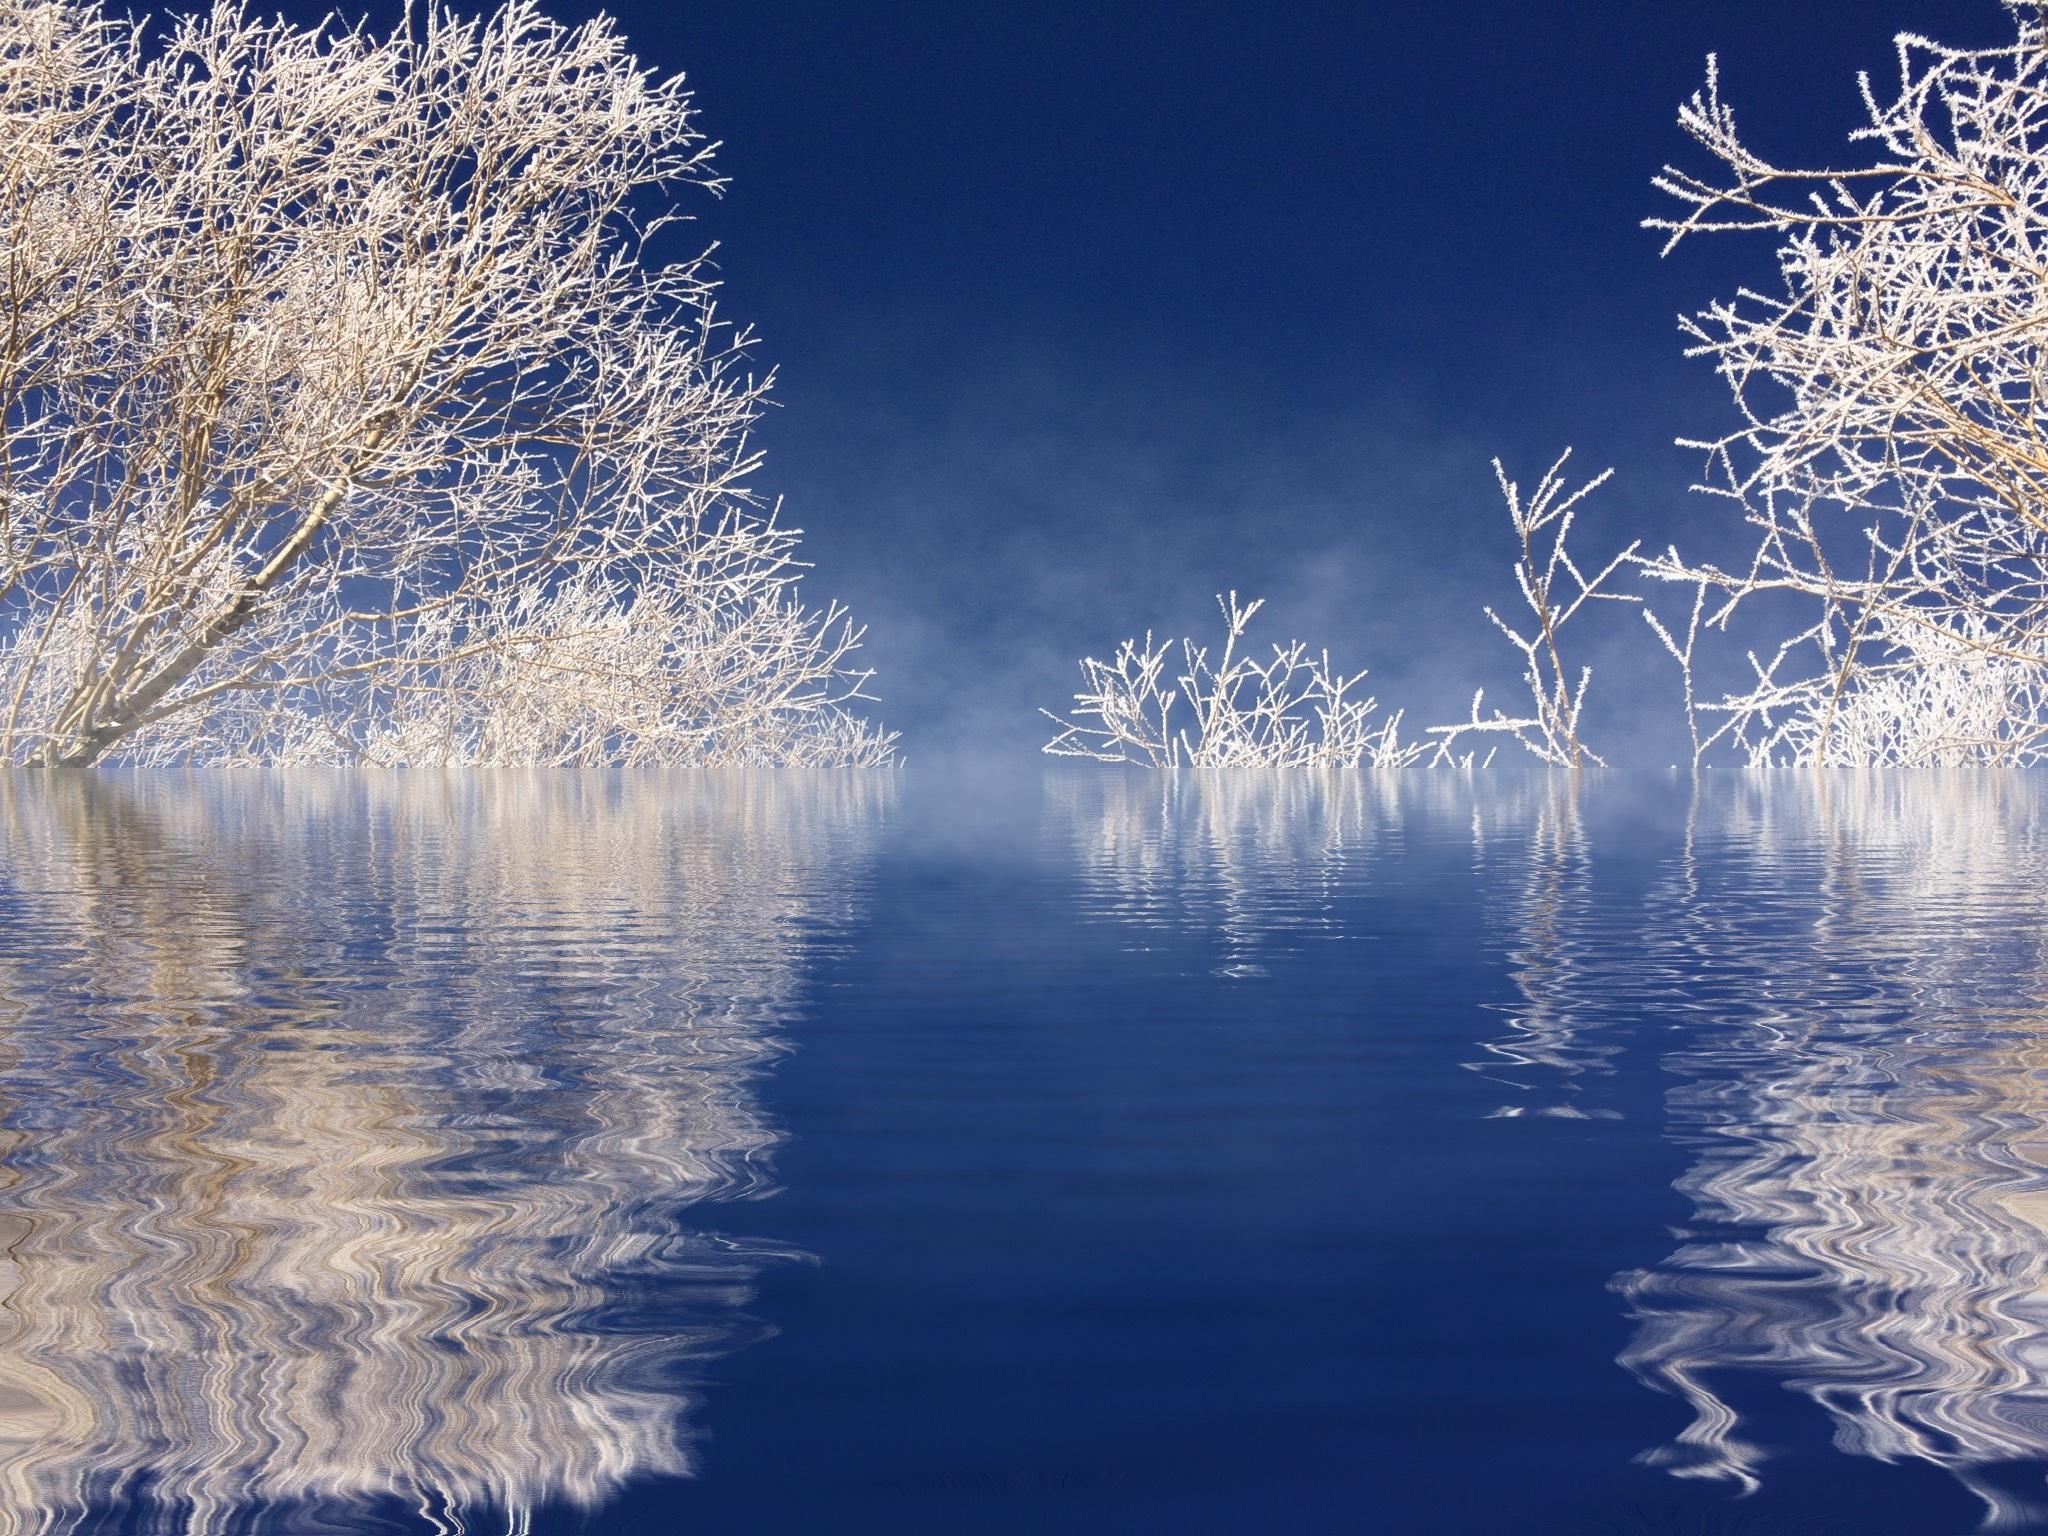 Gambar : pohon, air, alam, cabang, salju, musim dingin, awan